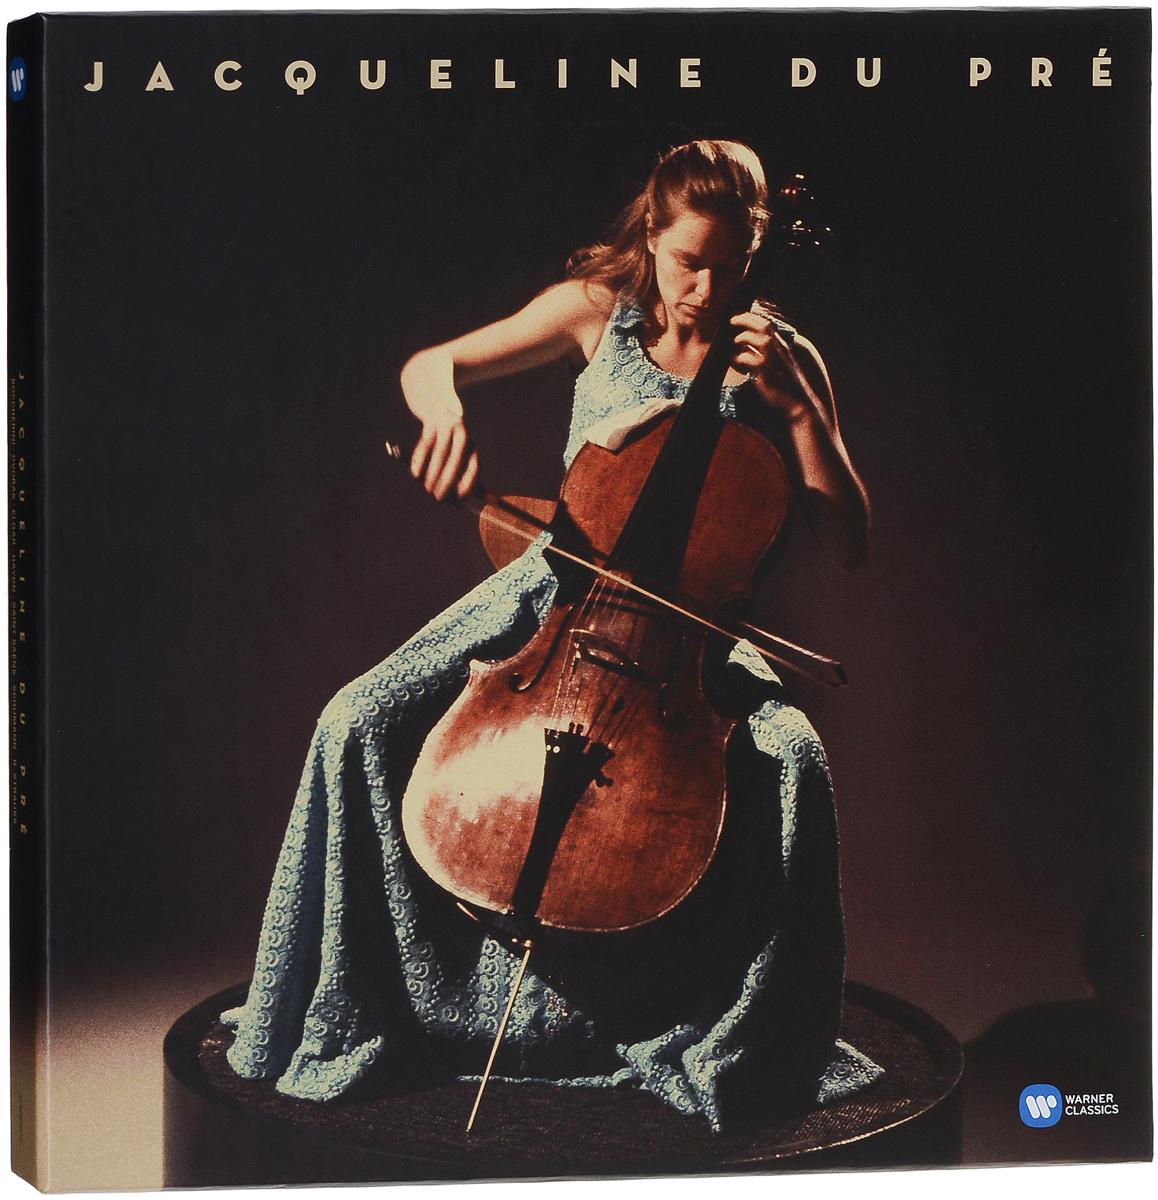 Жаклин Дю Пре Jacqueline du Pre. Five Legendary Recordings (5 LP) жаклин дю пре jacqueline du pre dvorak cello concerto in b minor op 104 lp